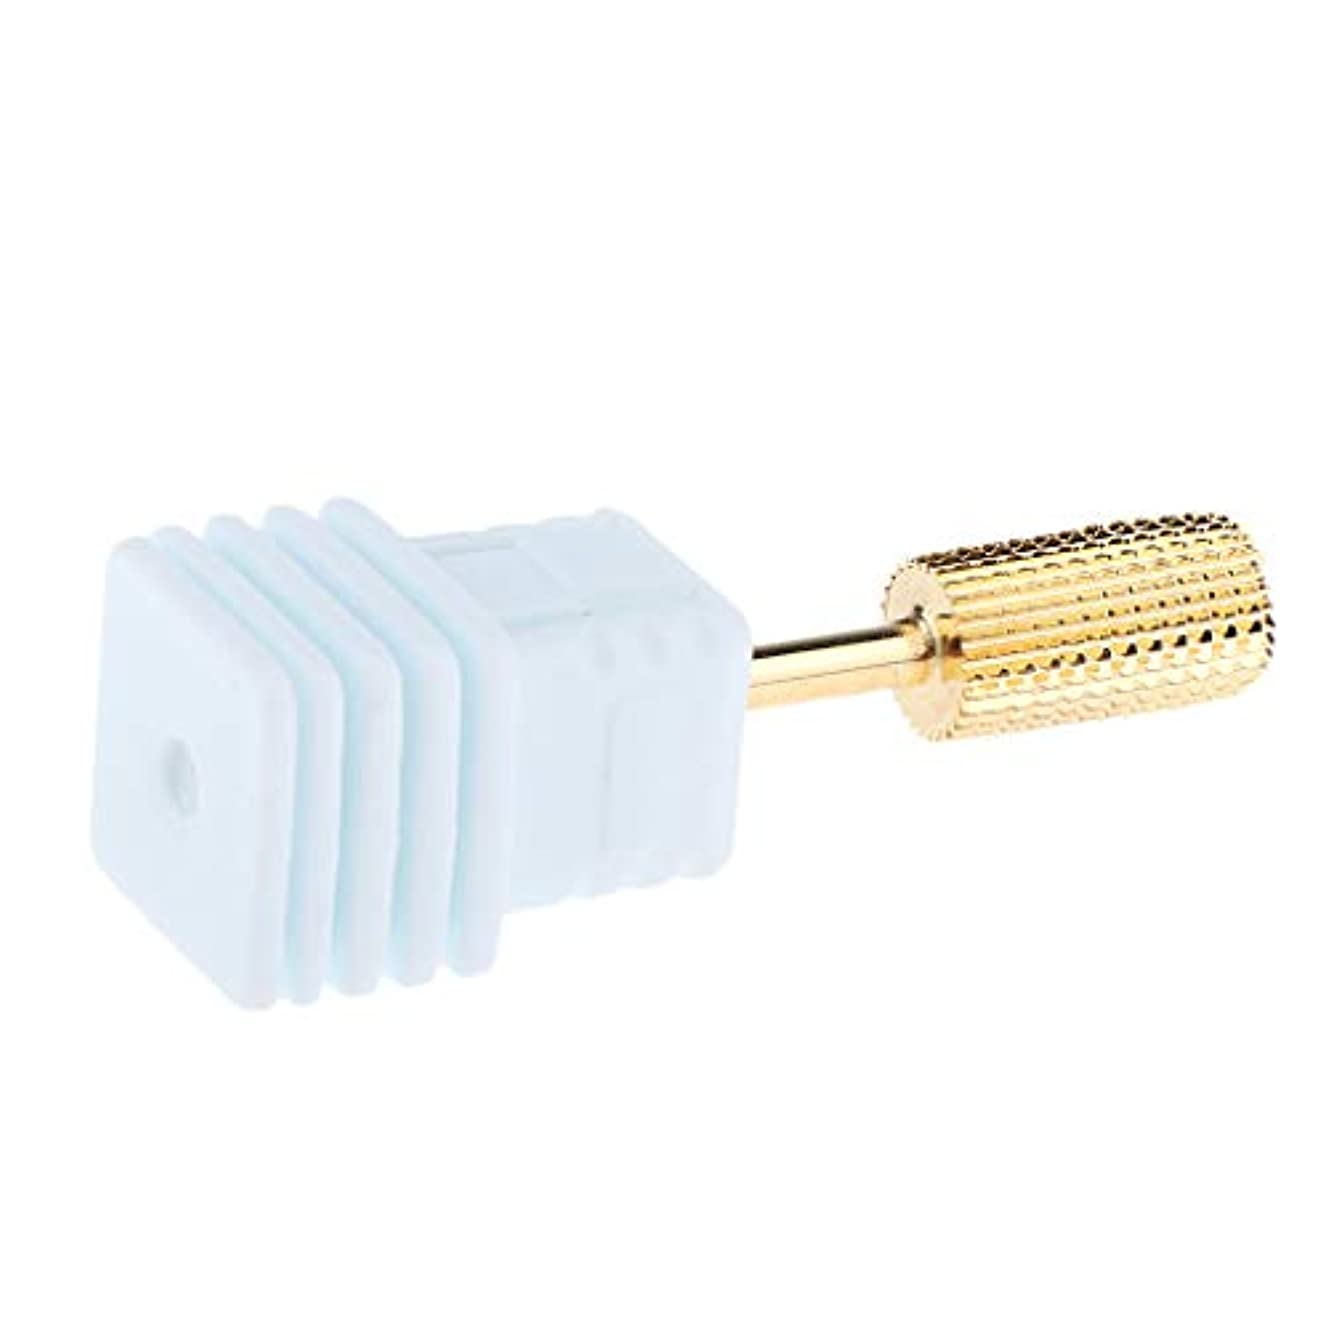 を通して汚いヒョウネイルドリルビットセットバレルヘッド電動ドリルビット粗研削工具 - ゴールドM